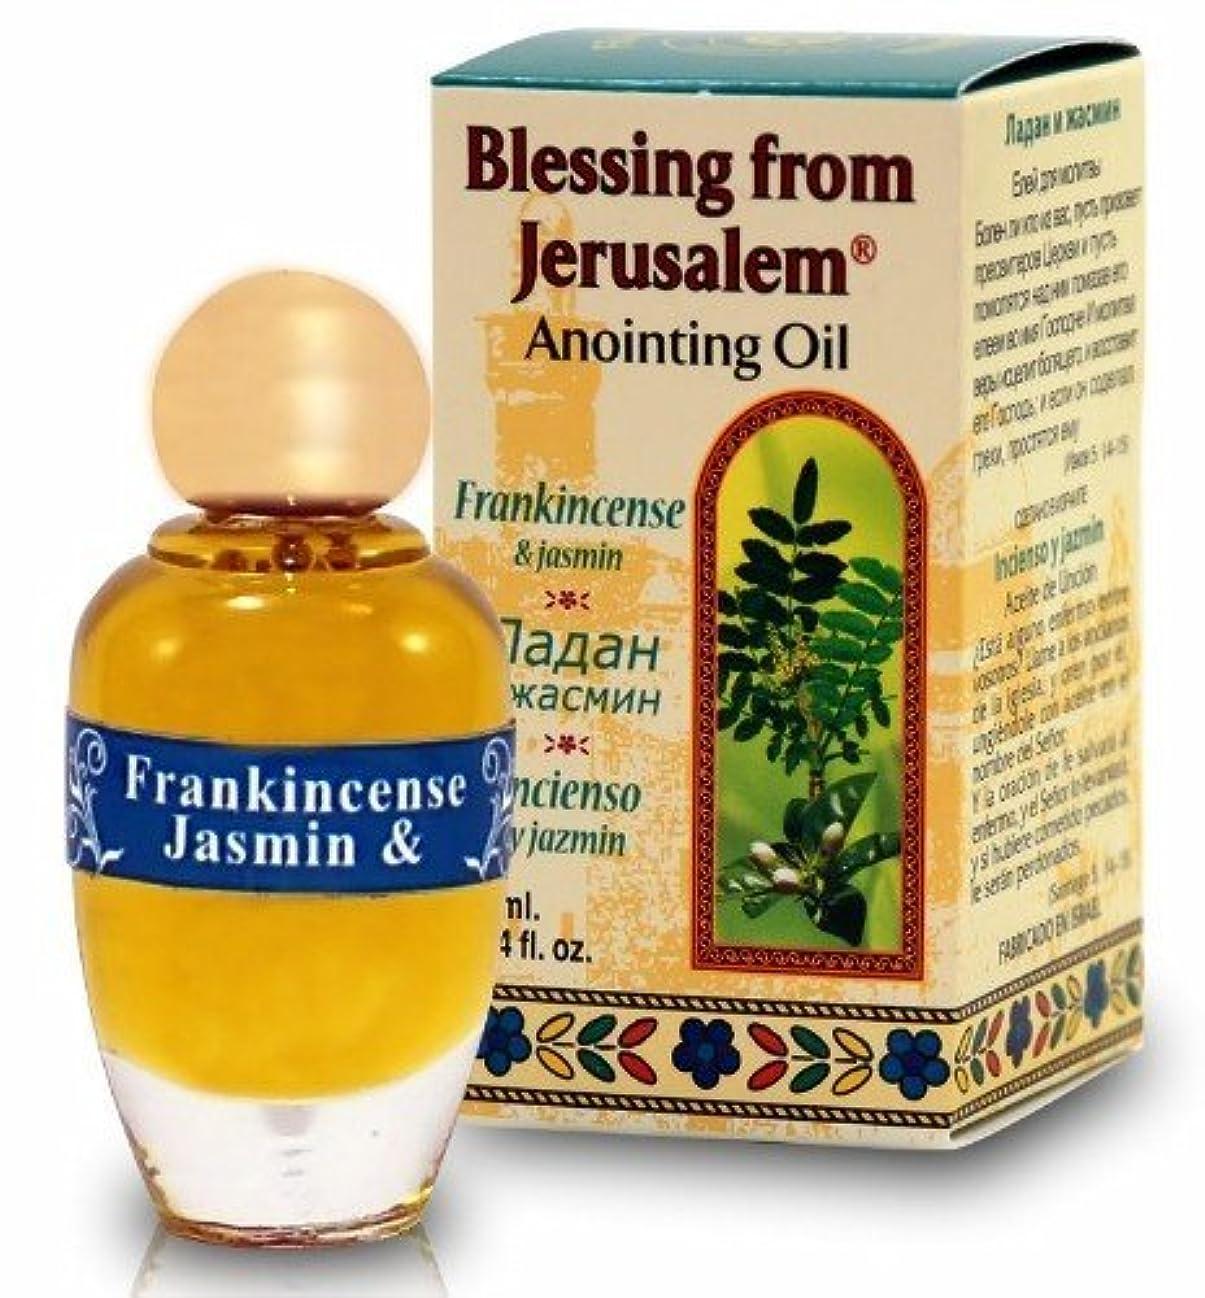 ビルダー半円トーナメントTop Seller Frankincense &ジャスミンAnointing Oil byベツレヘムギフトTM